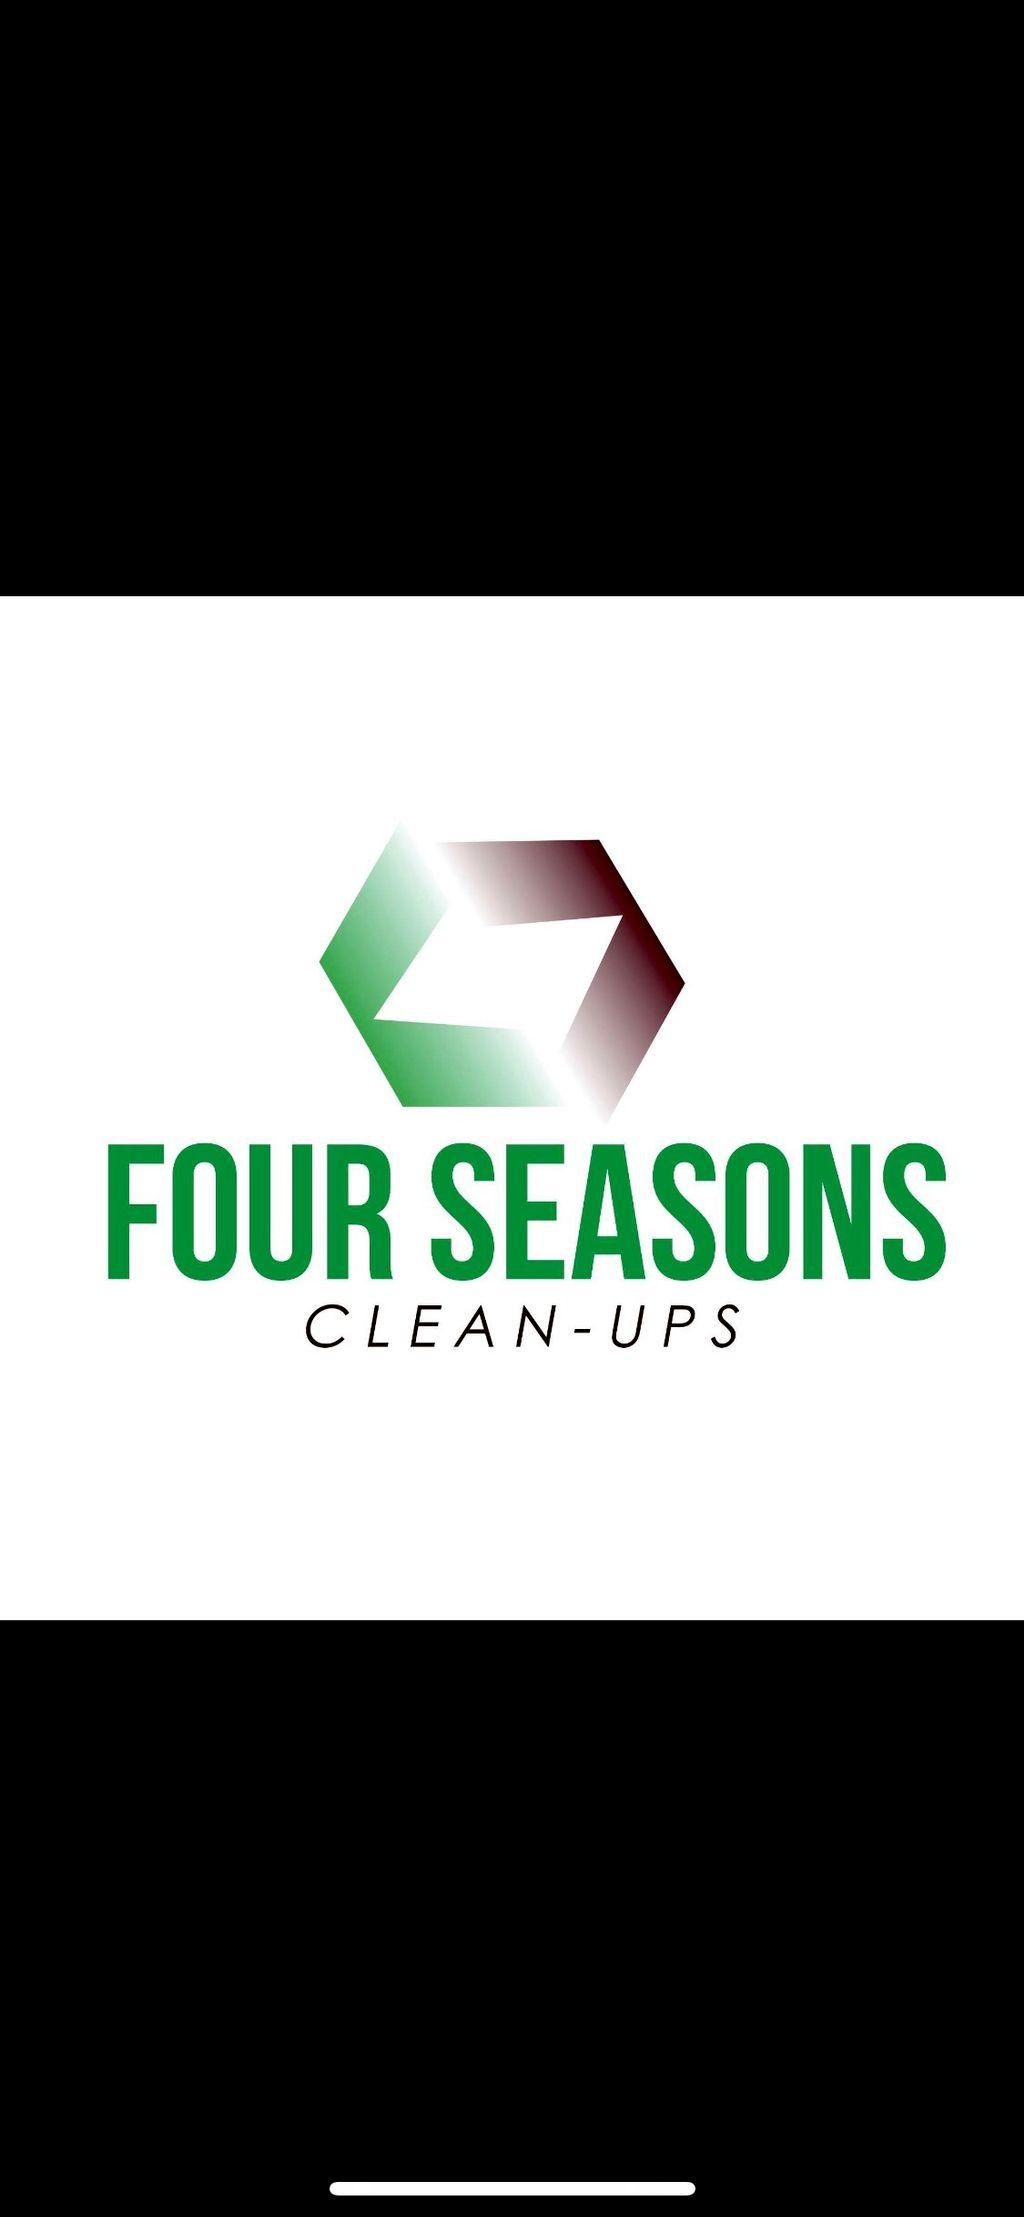 Four Season Clean Ups LLC